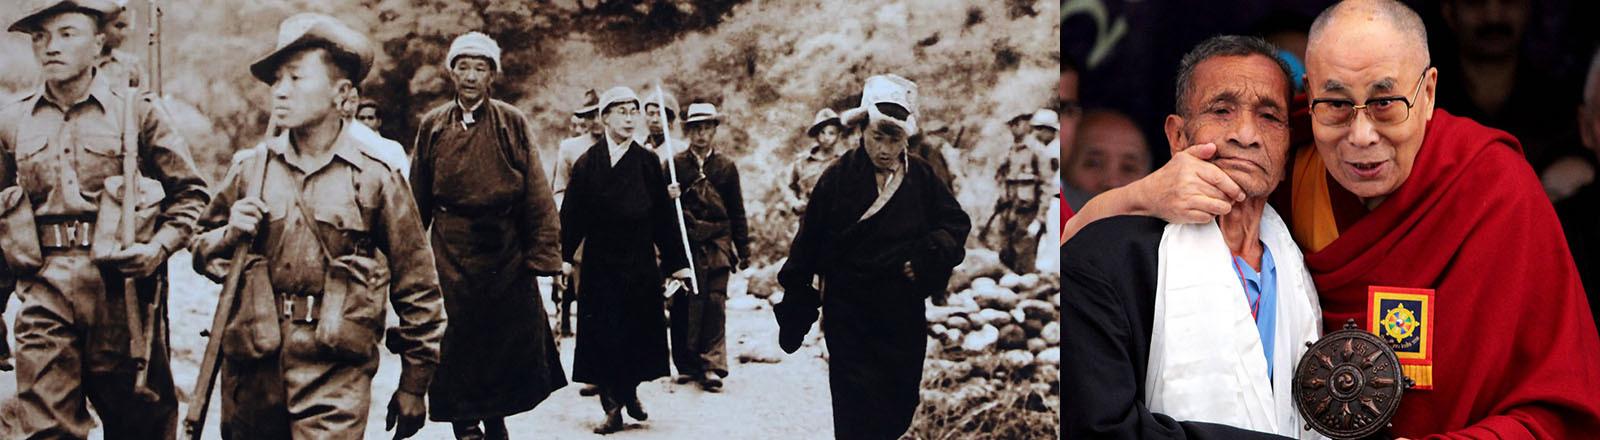 Im Jahr 1959 flieht der 14. Dalai Lama ins indische Exil.